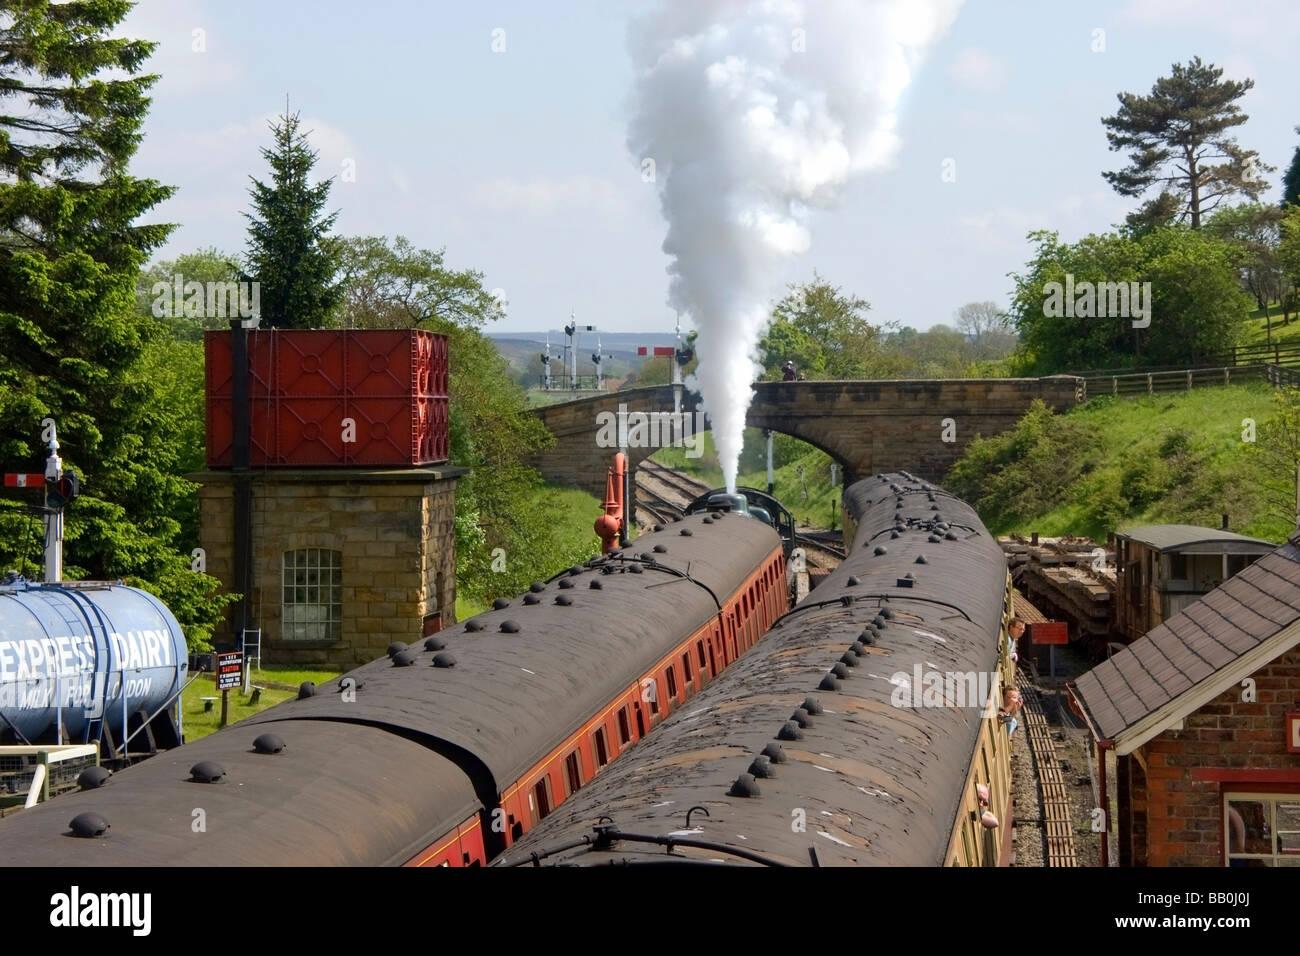 Small train station; Goathland, North Yorkshire, England, UK - Stock Image